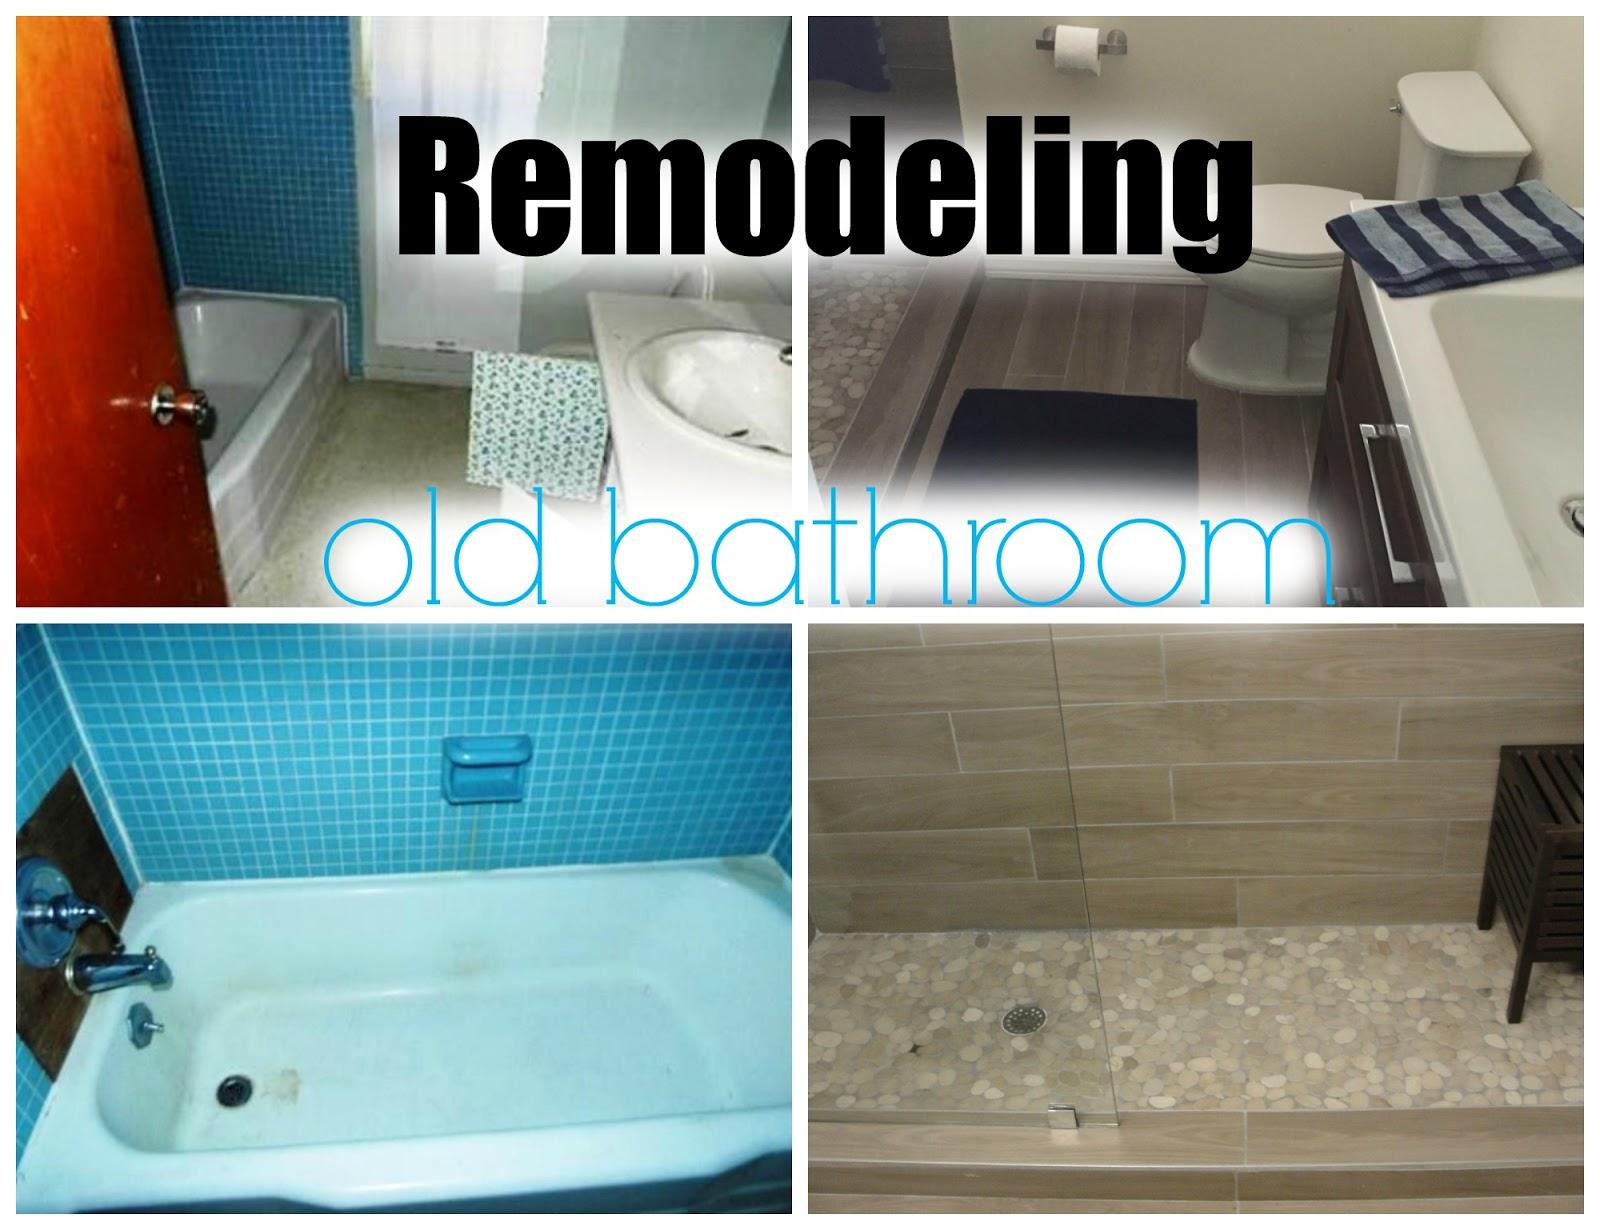 REMODELING OLD BATHROOM